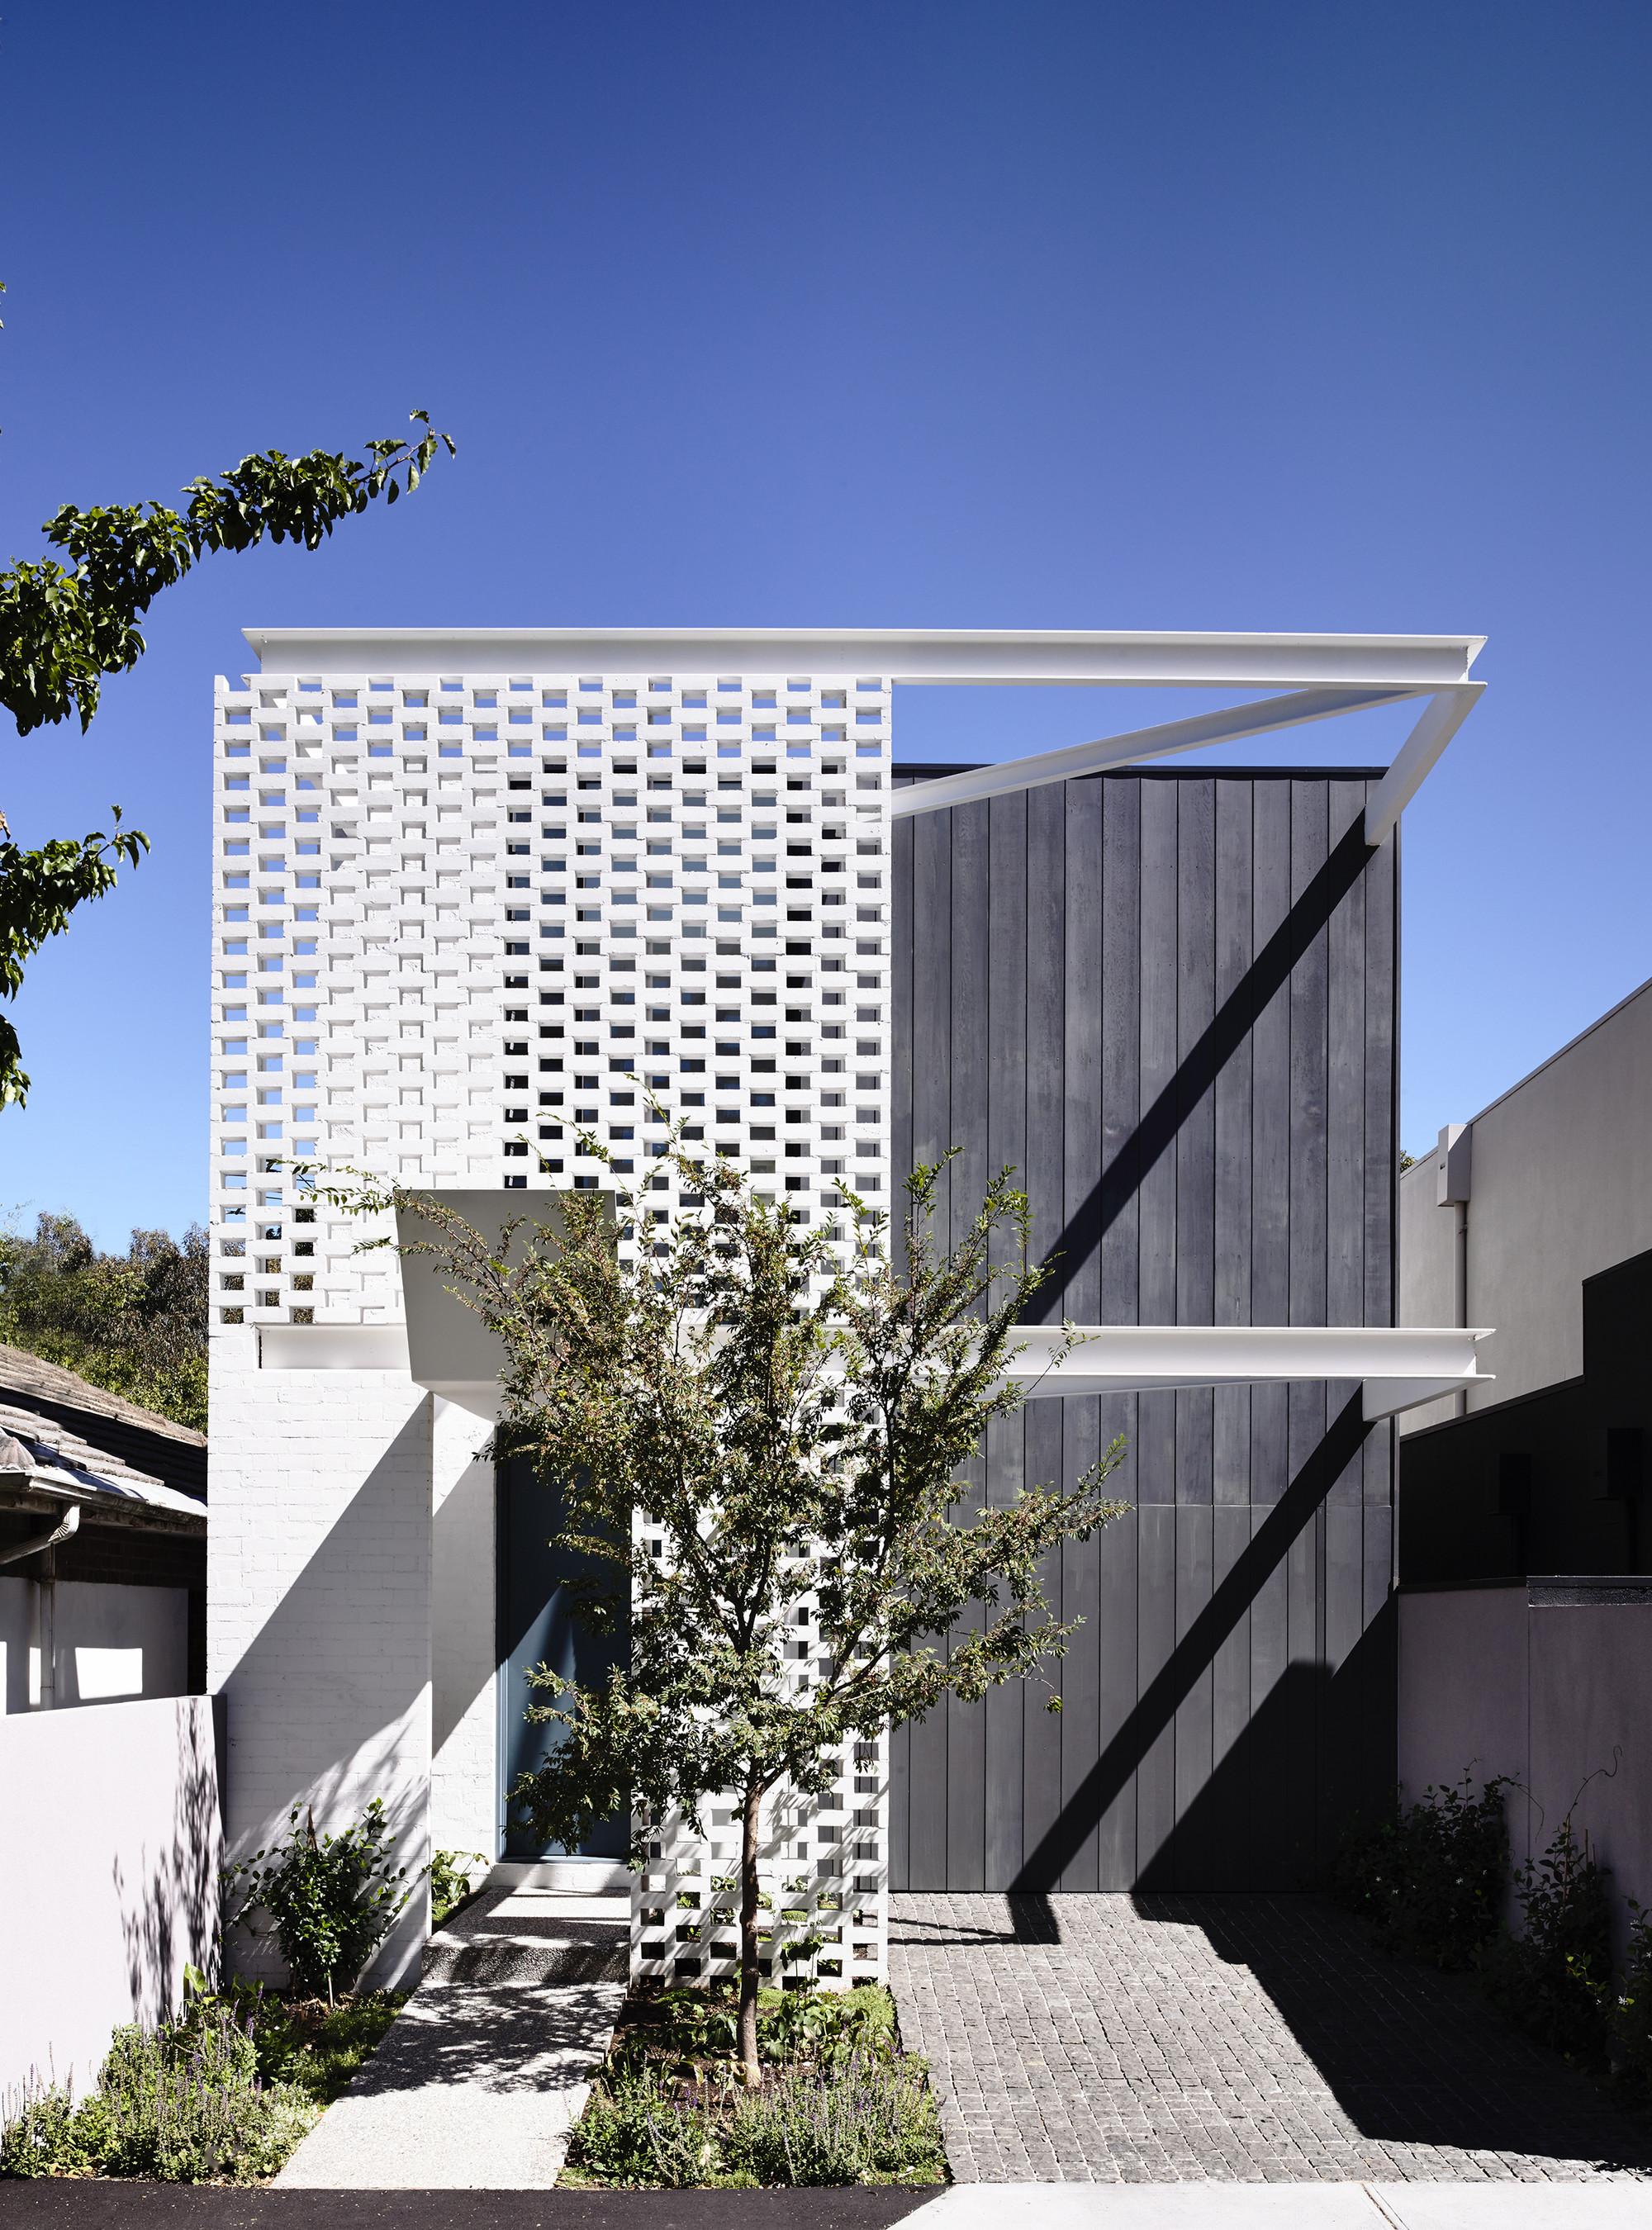 Vivienda Fairbairn / Inglis Architects